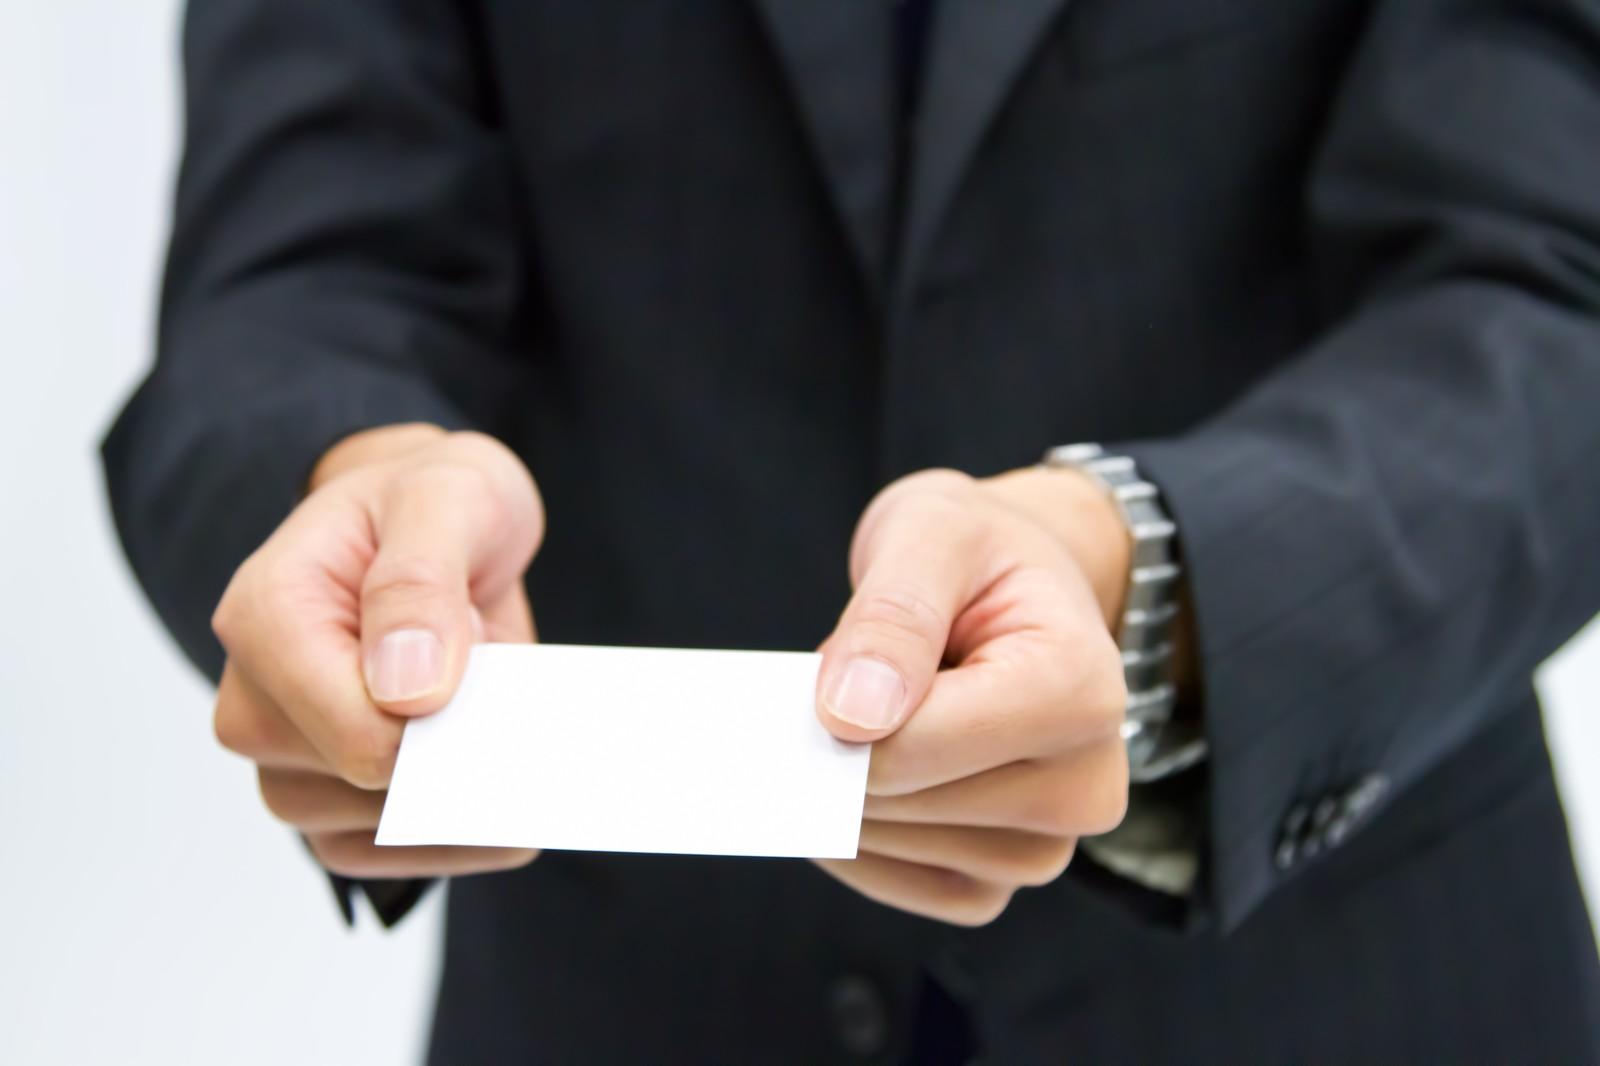 すべてのビジネスマンが今日から使える!名刺交換のマナー